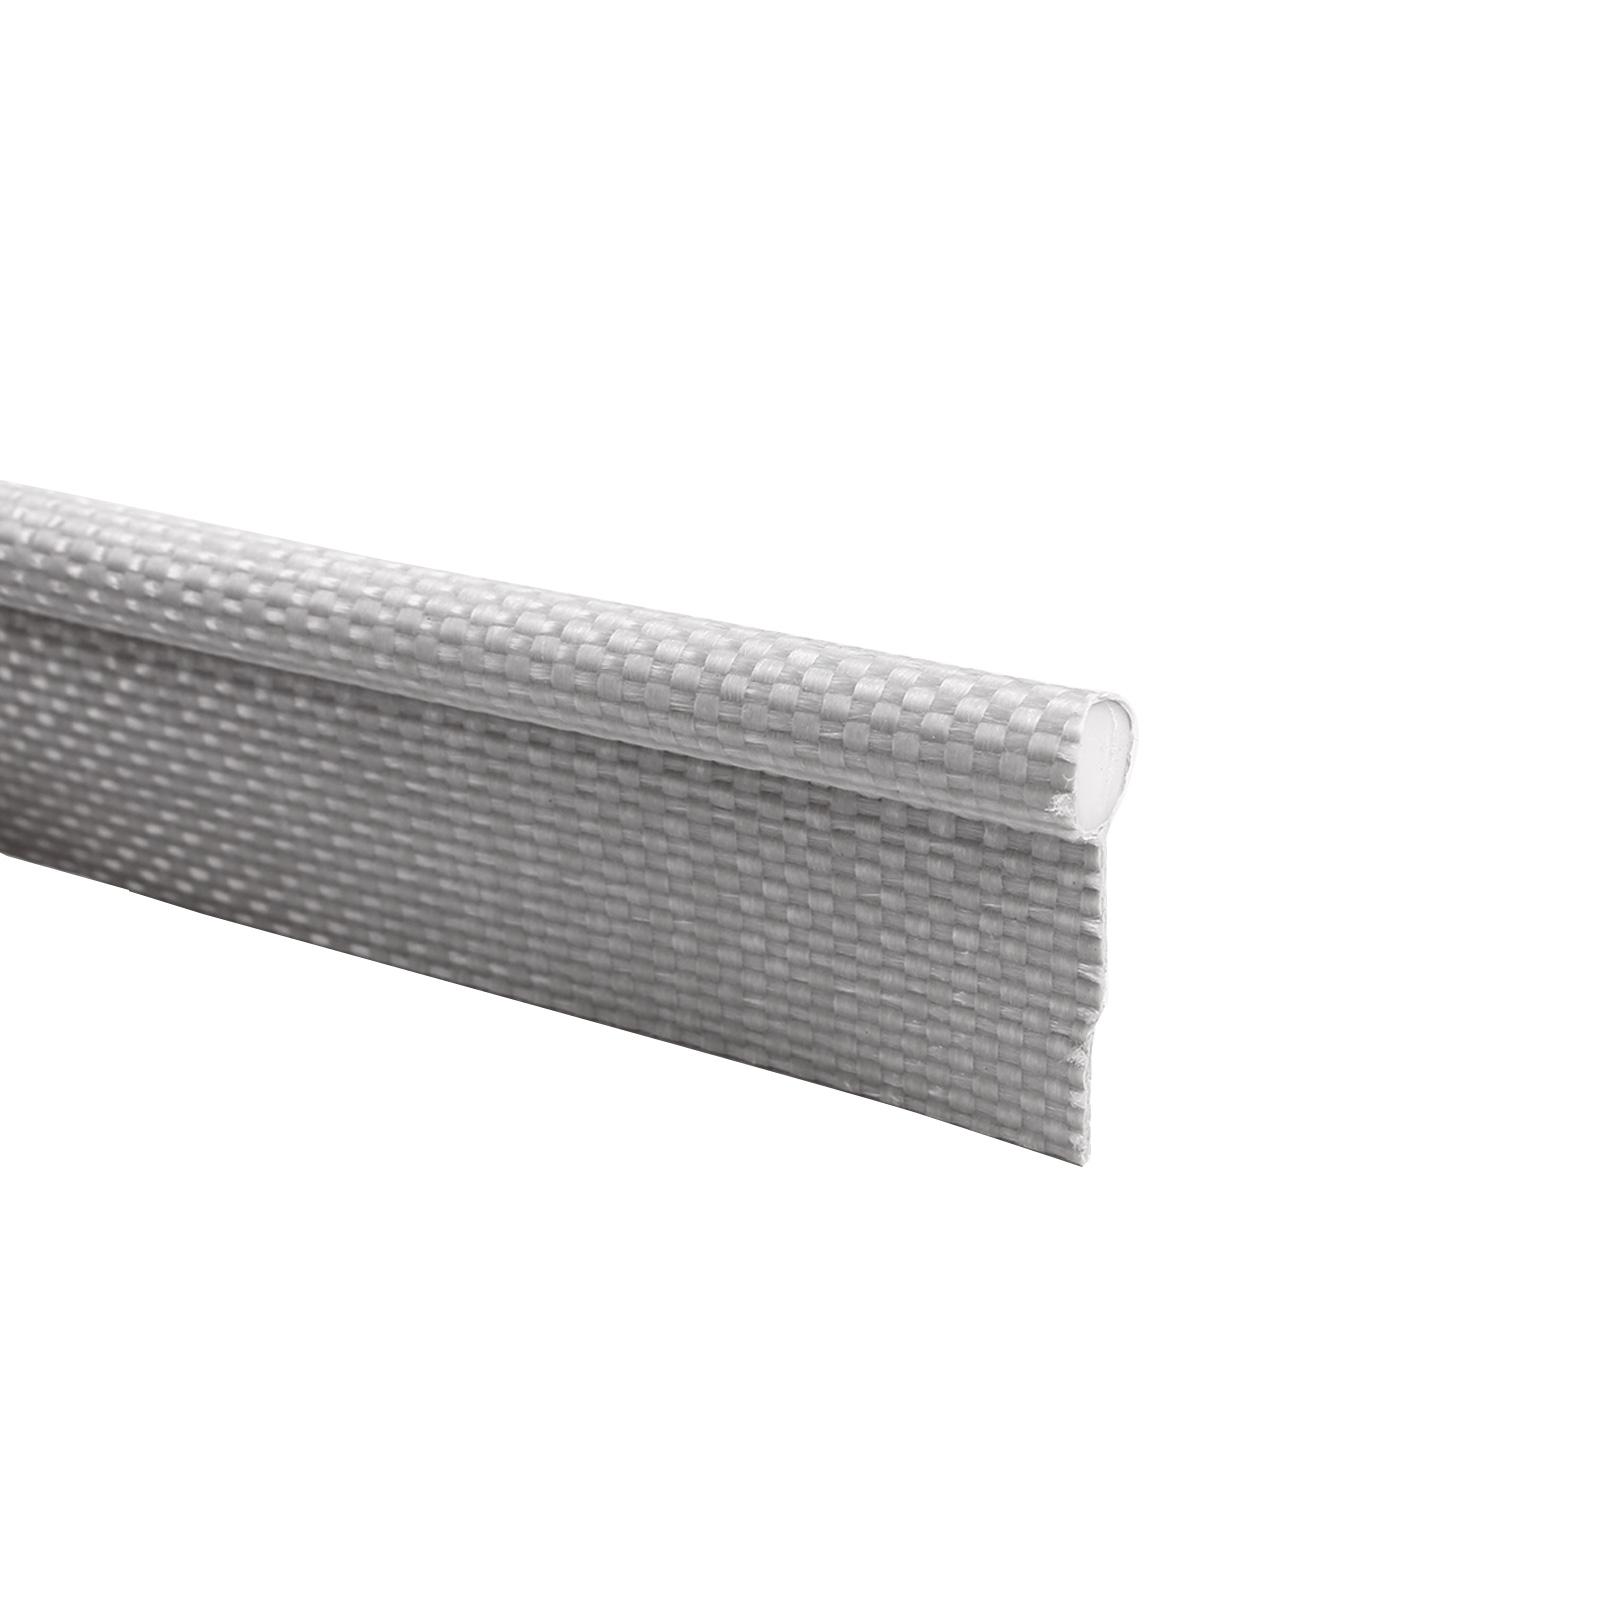 20 Meter Keder Einzugkeder 7,5 mm weiß Pvc Gewebe 20mm Lasche, Zeltkeder Vorzelt